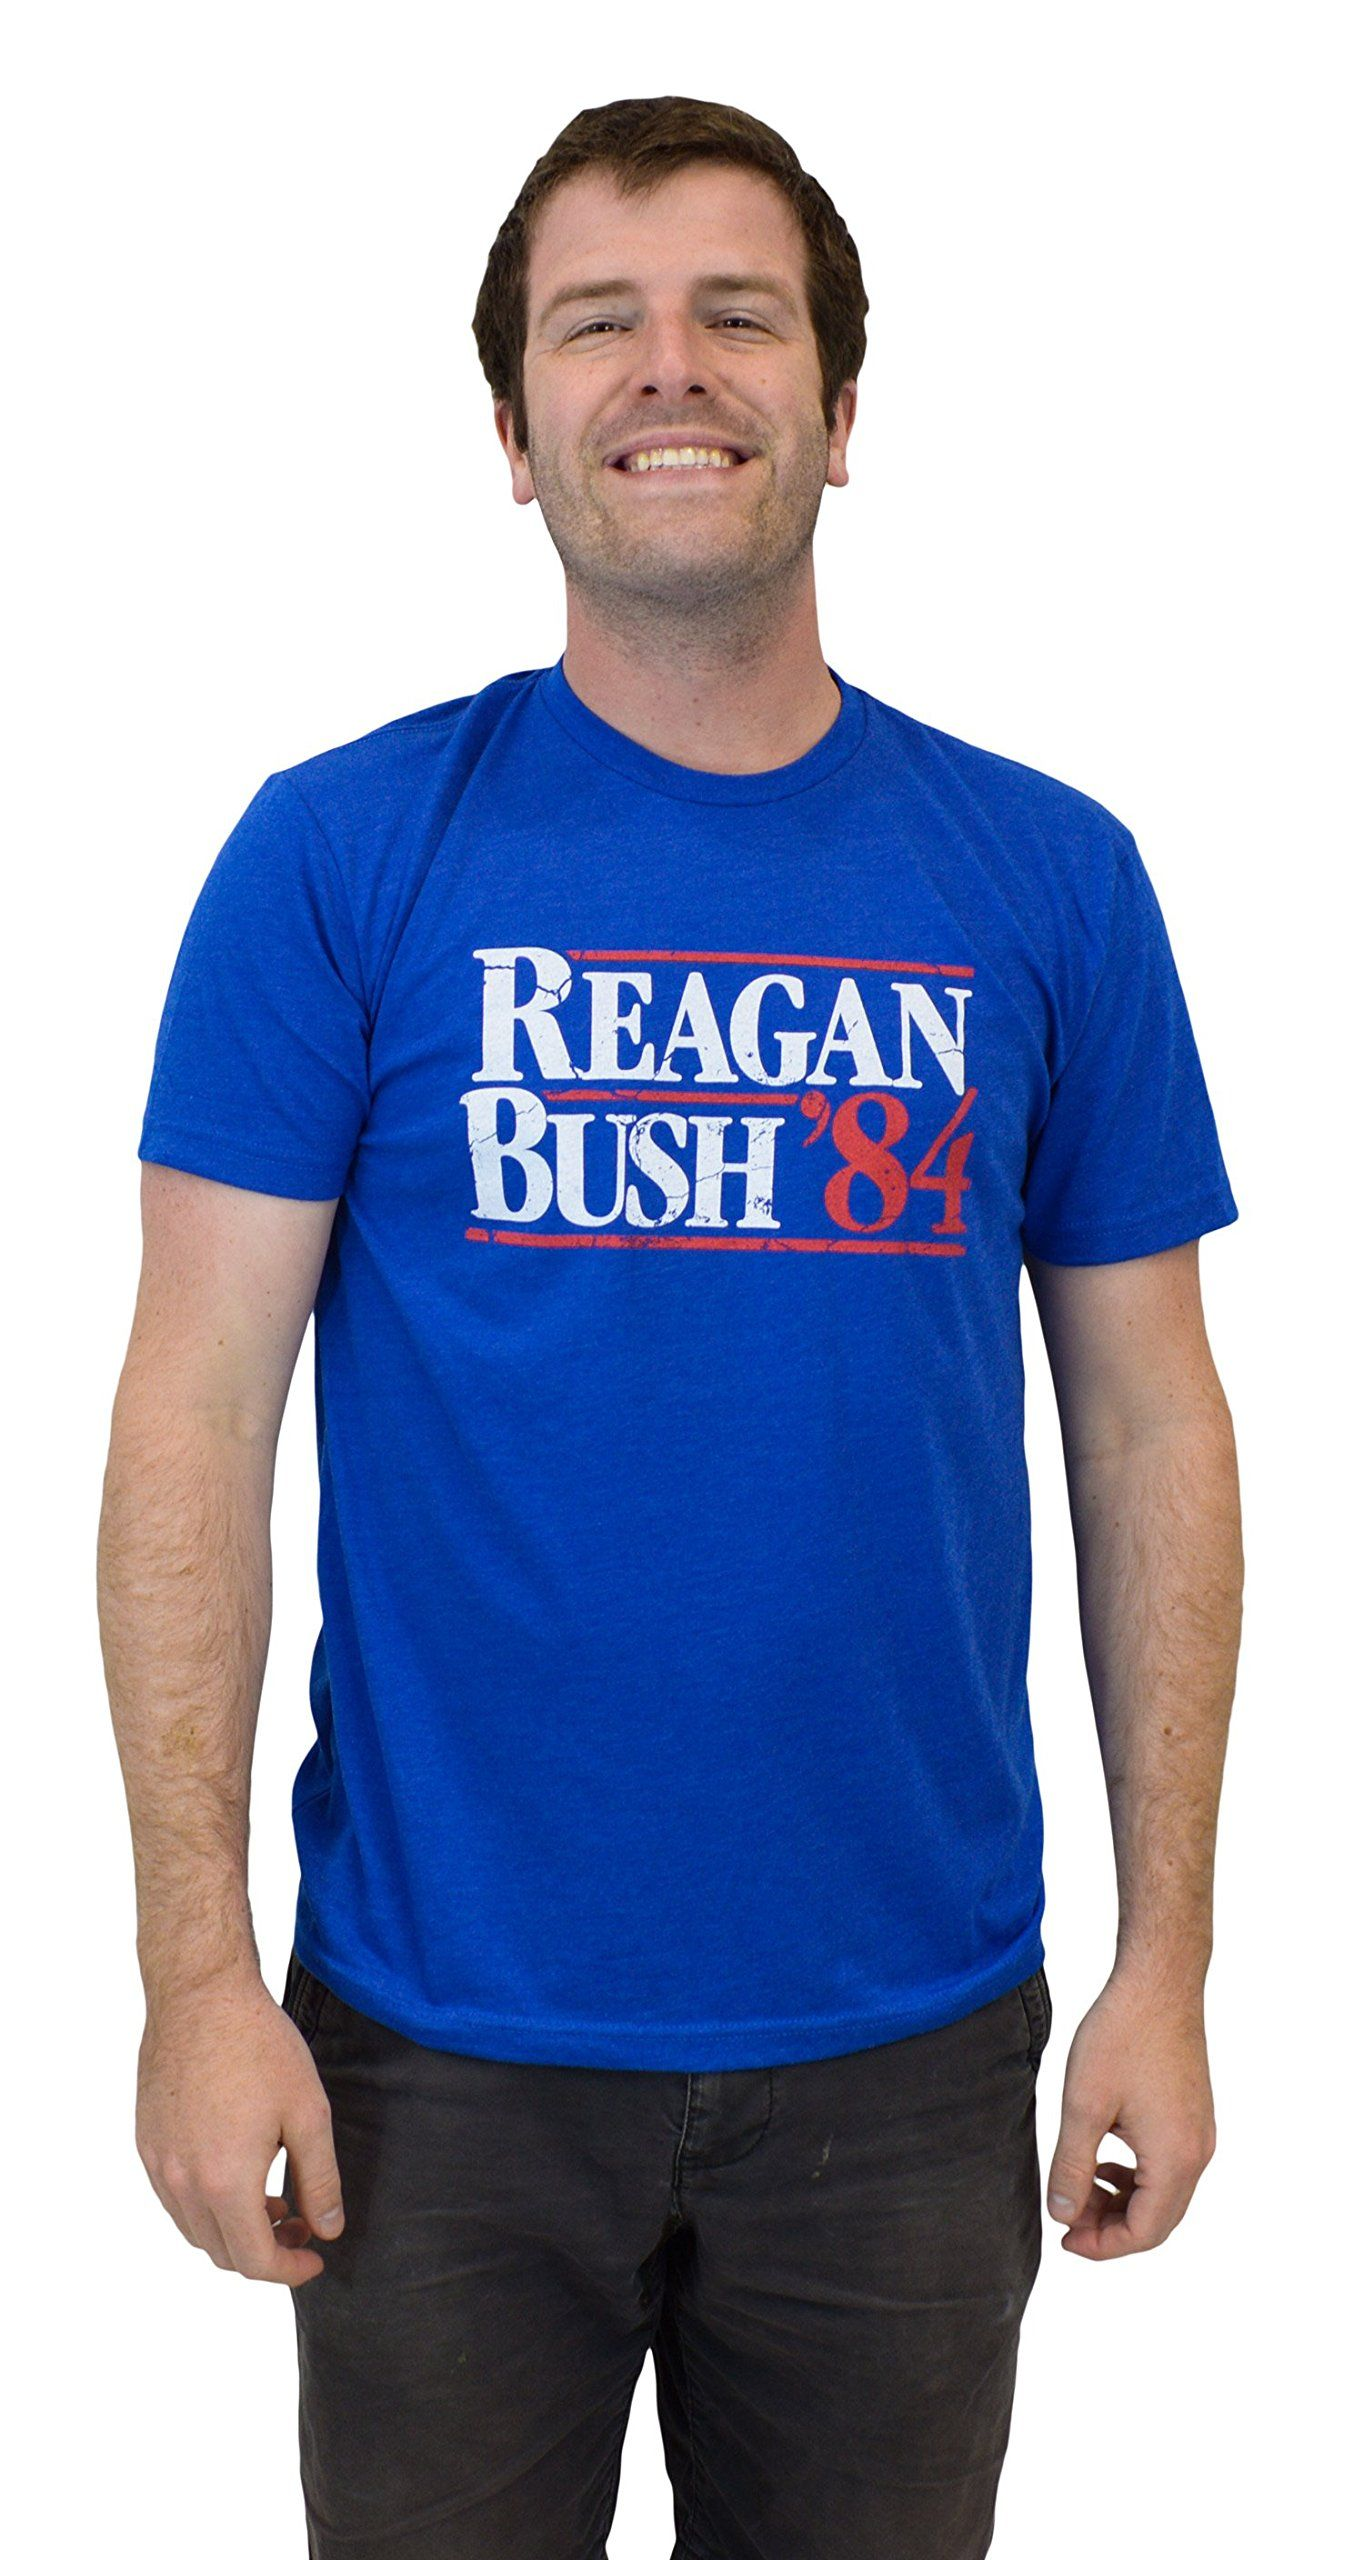 Reagan Bush 84 Vintage Style Conservative Republican Gop Unisex Adult S Shirts